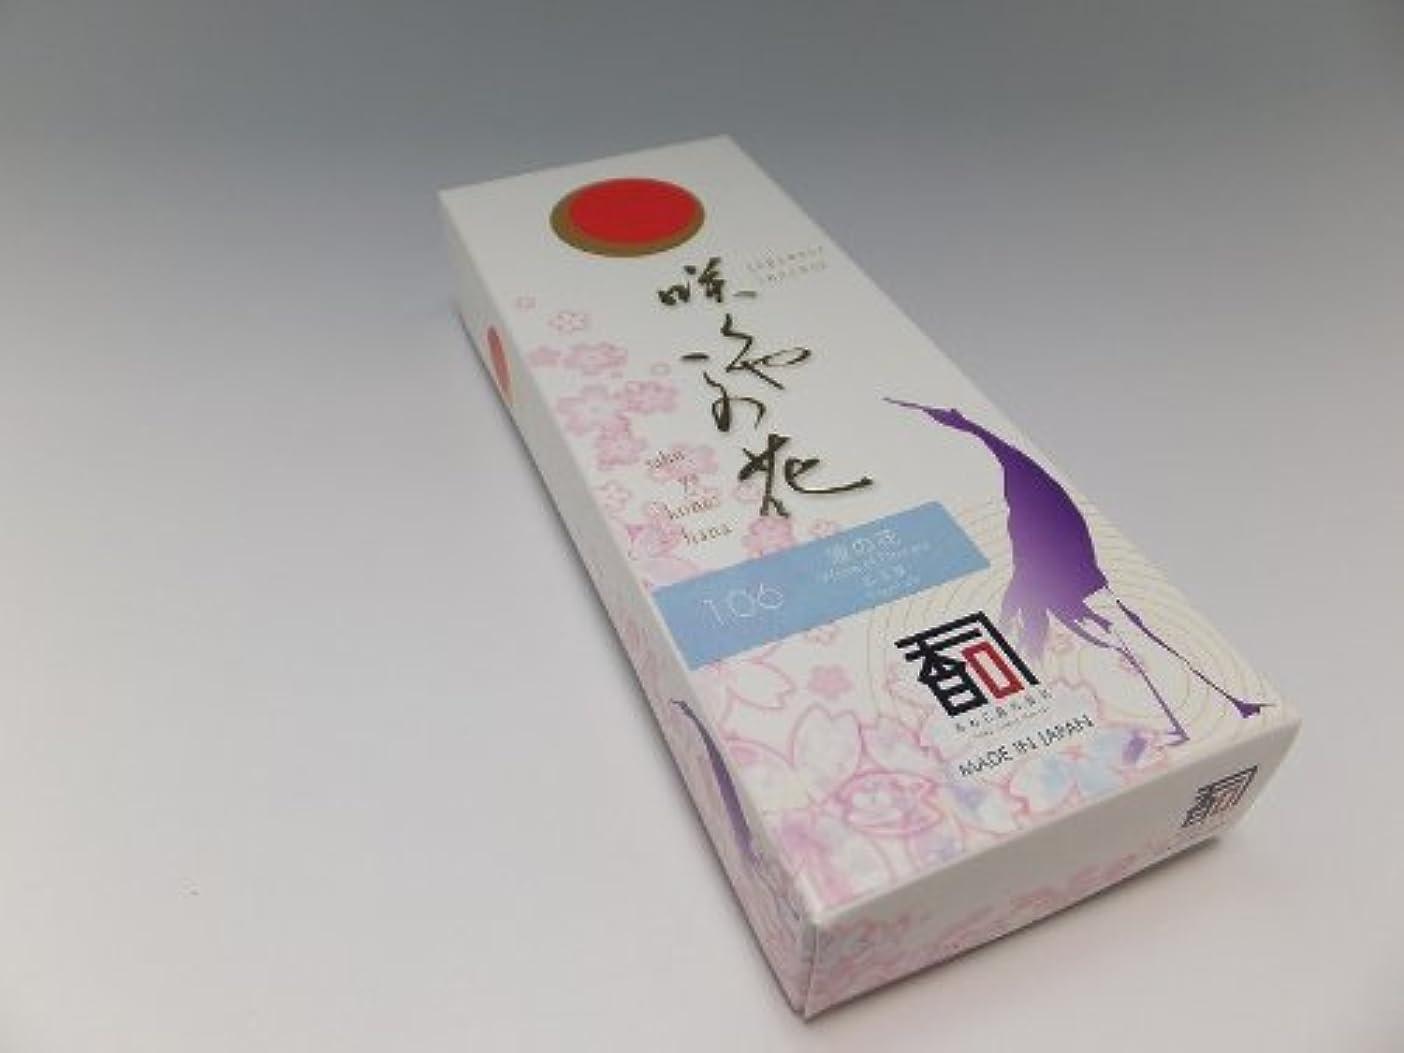 燃やす記事滅びる「あわじ島の香司」 日本の香りシリーズ  [咲くや この花] 【106】 波の花 (煙少)